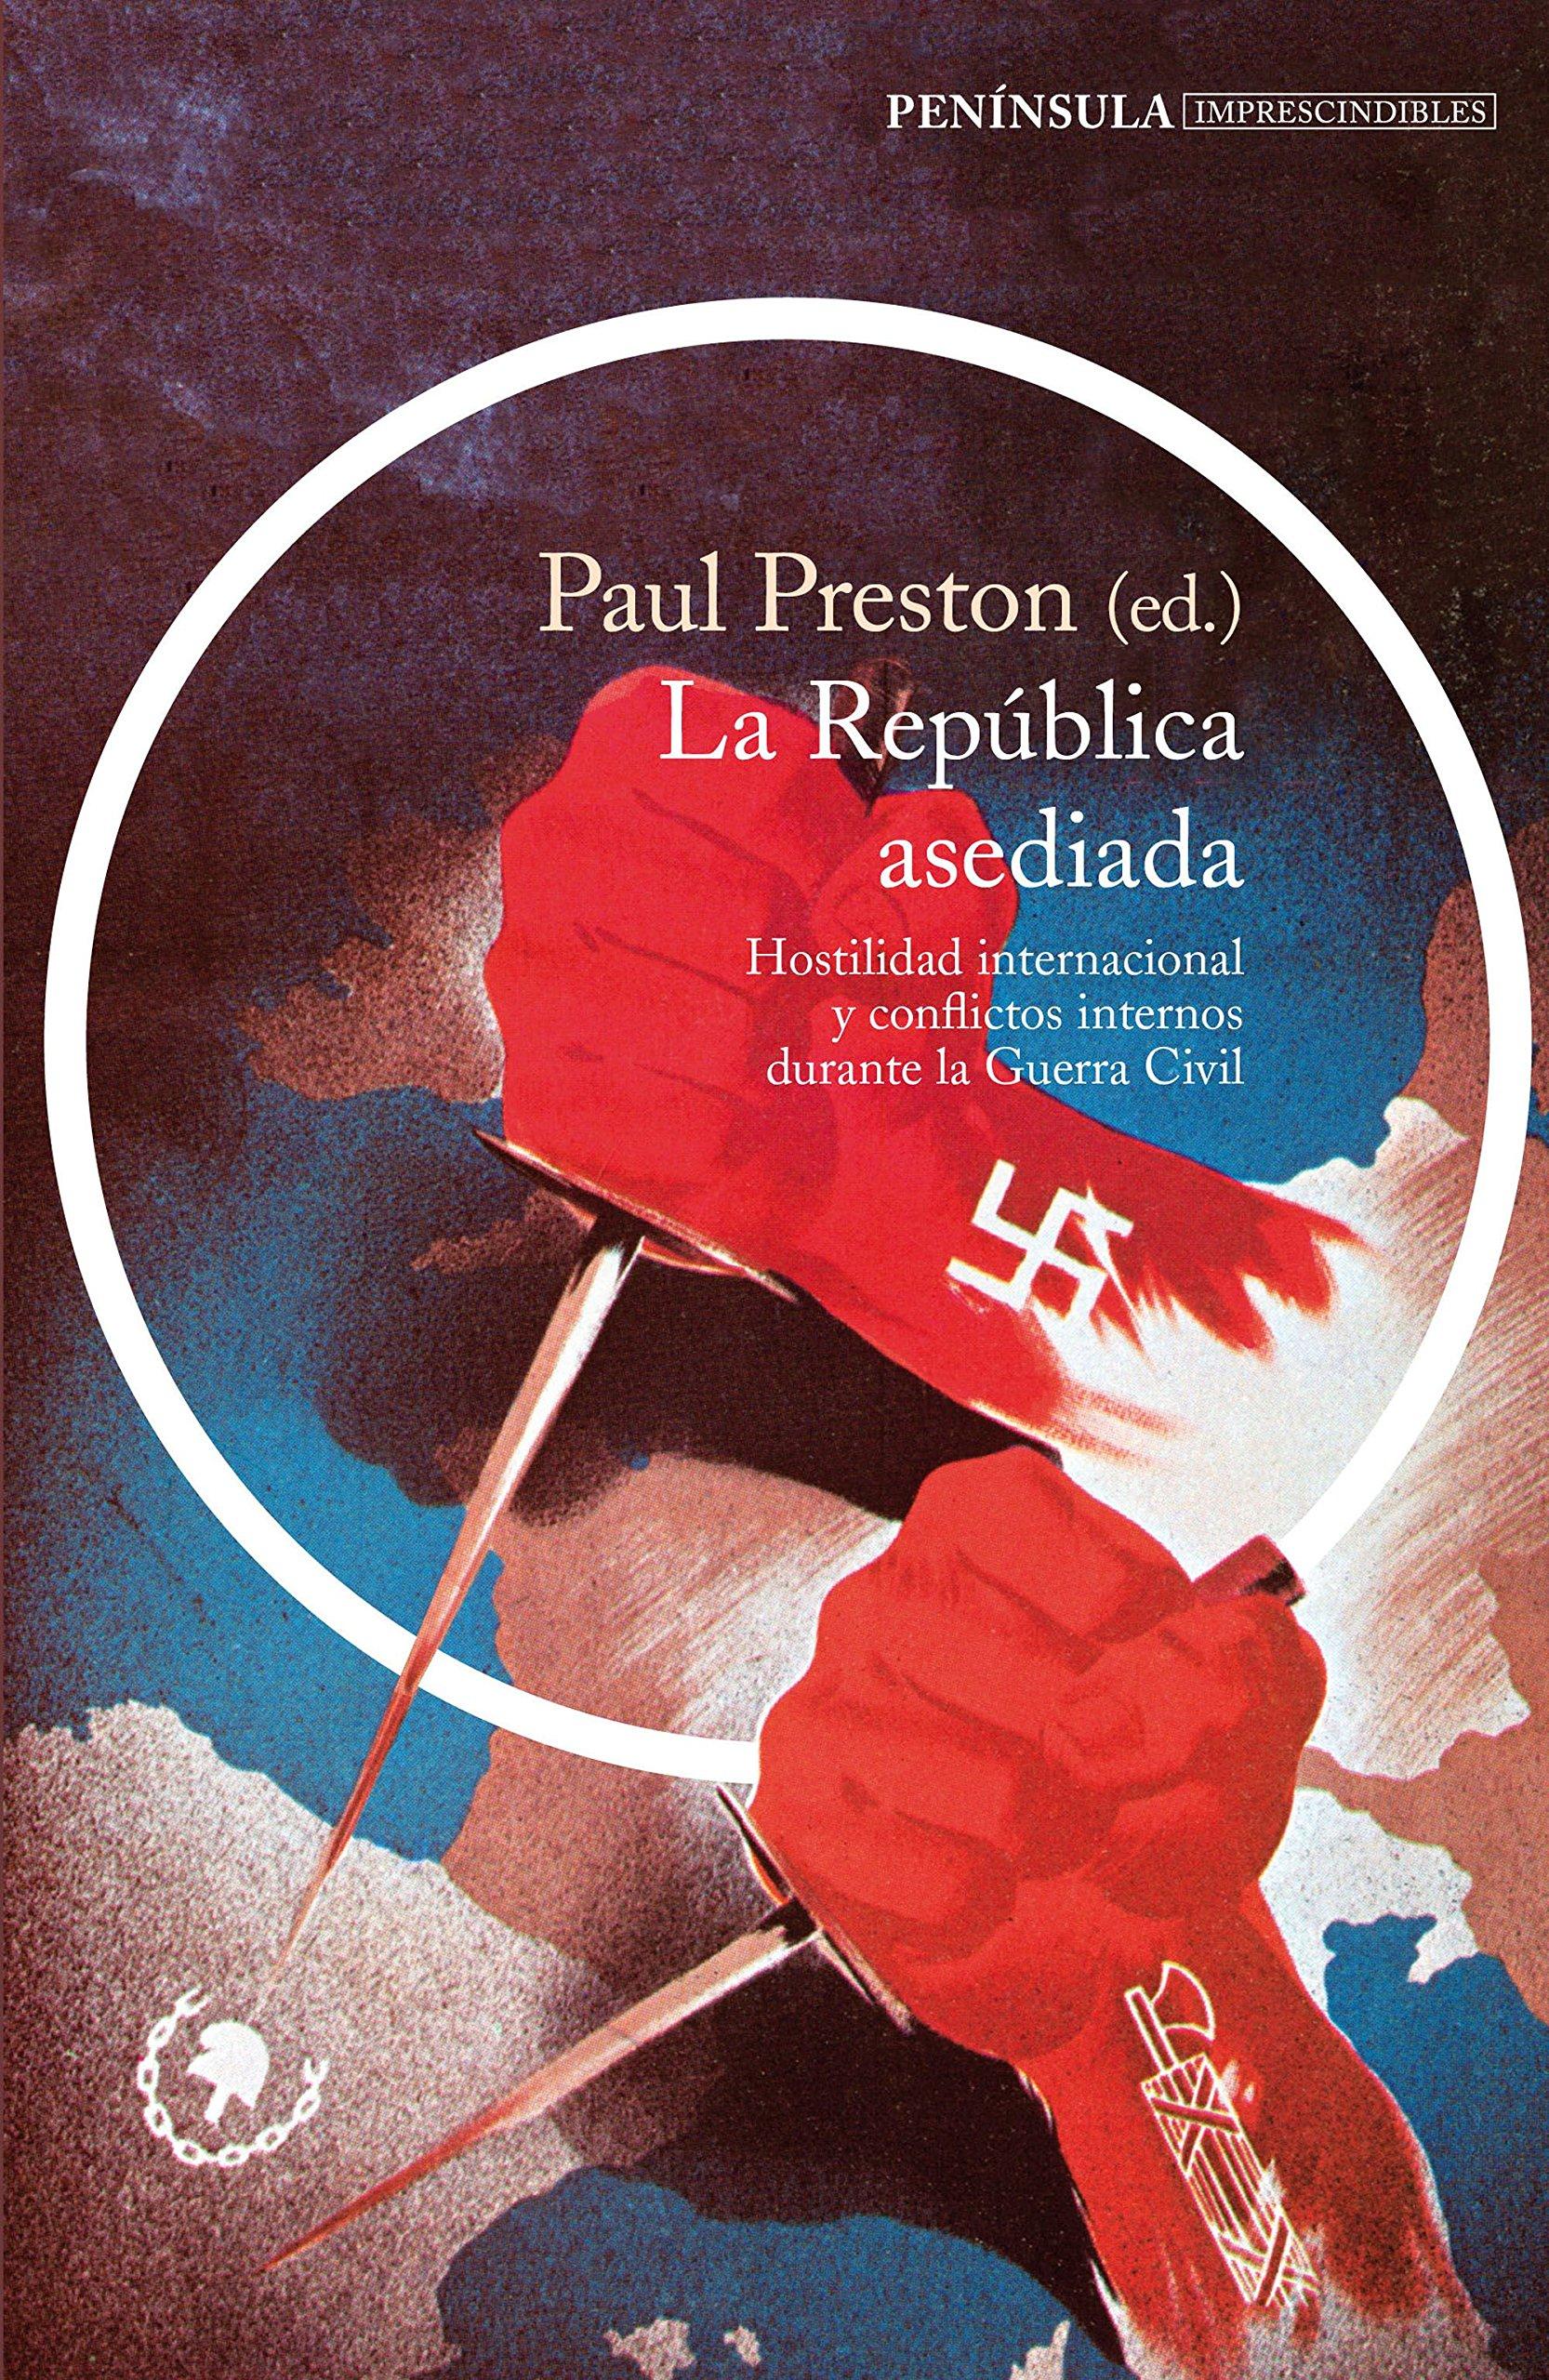 La República asediada: Hostilidad internacional y conflictos internos durante la Guerra Civil IMPRESCINDIBLES: Amazon.es: Preston, Paul, Quintana, Raúl: Libros